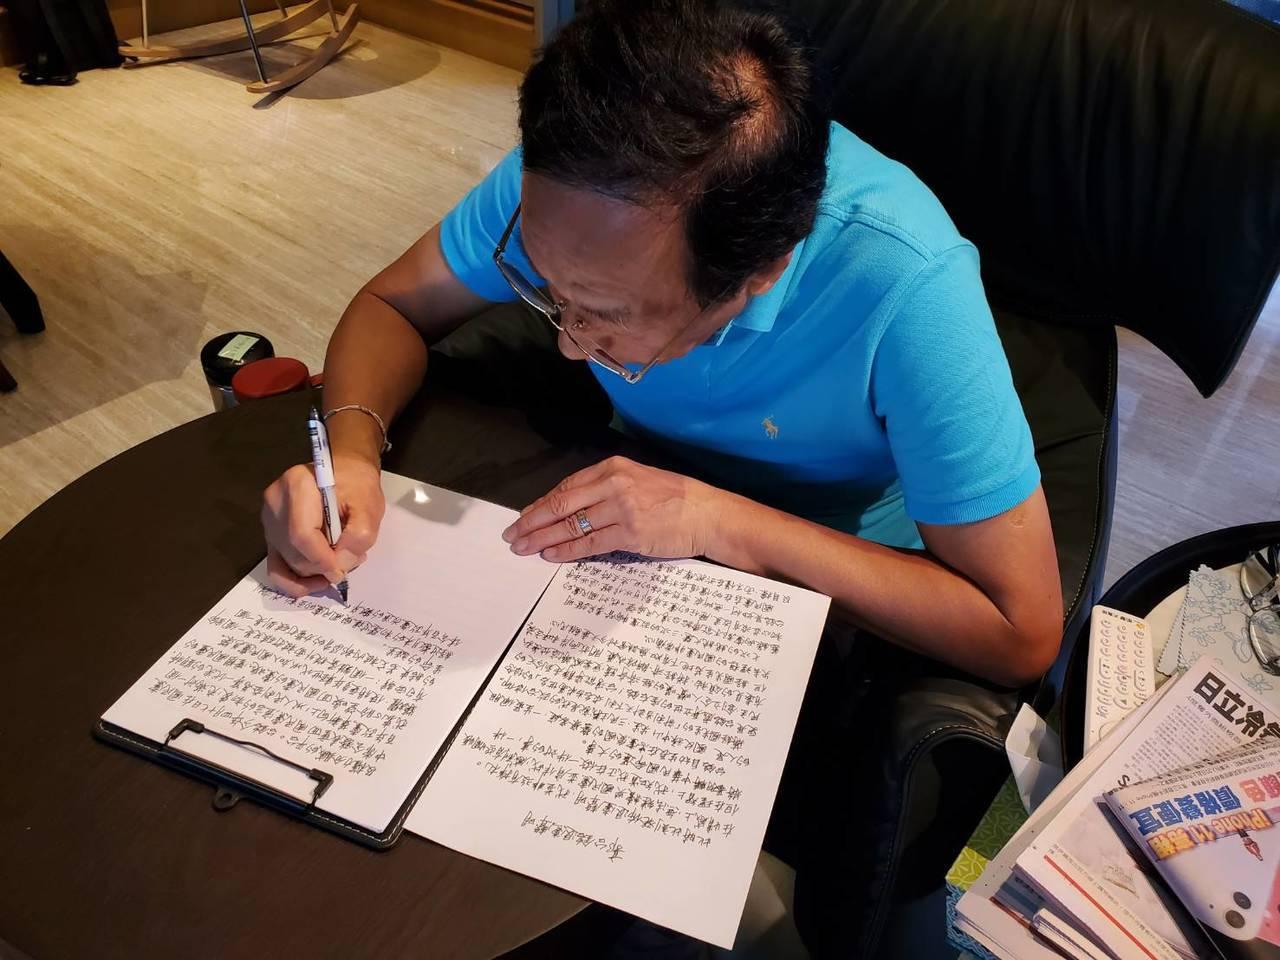 鴻海創辦人郭台銘宣布退出國民黨,並親自手寫退黨聲明,由永齡基金會副執行長蔡沁瑜前...